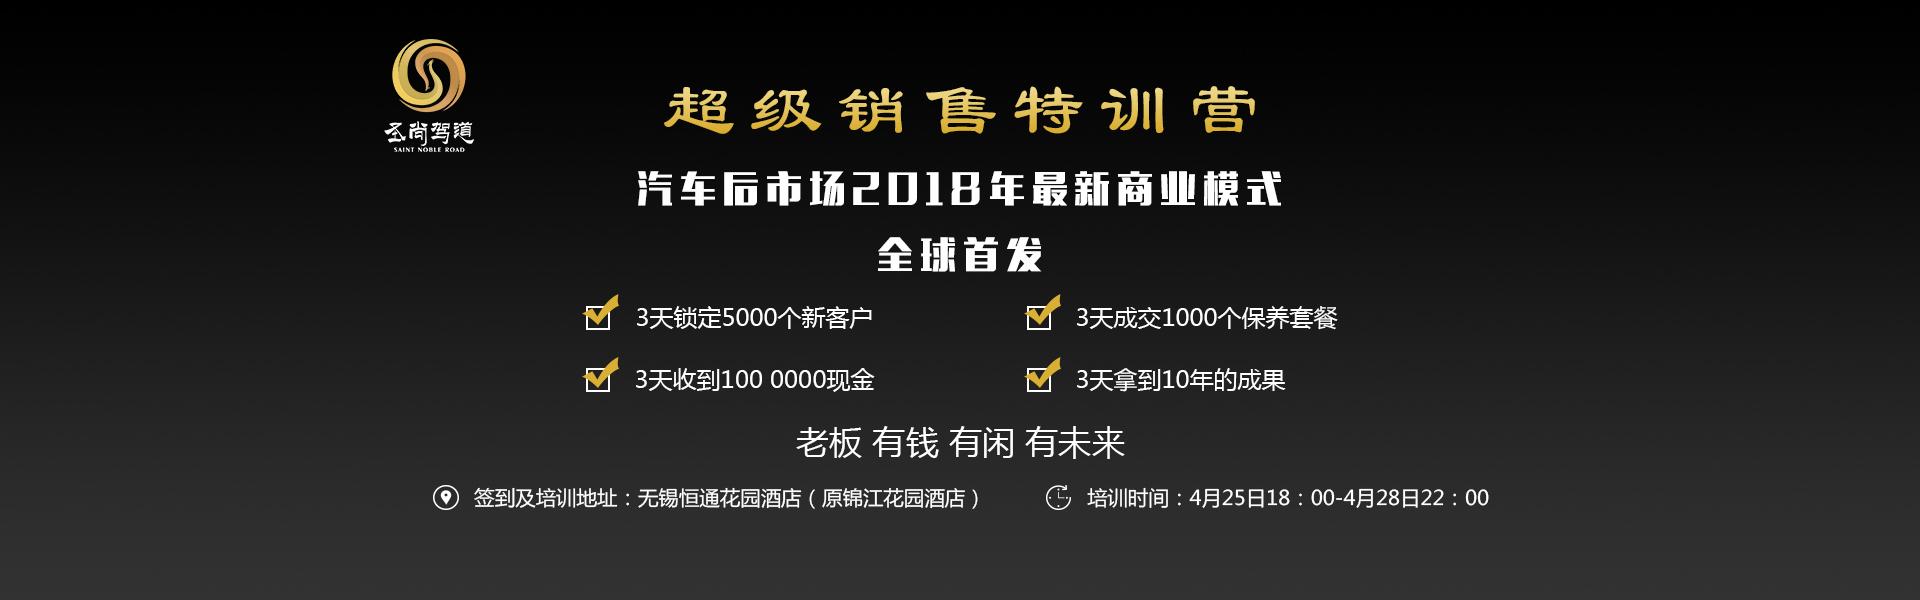 2018.4.25日超级销售特训营